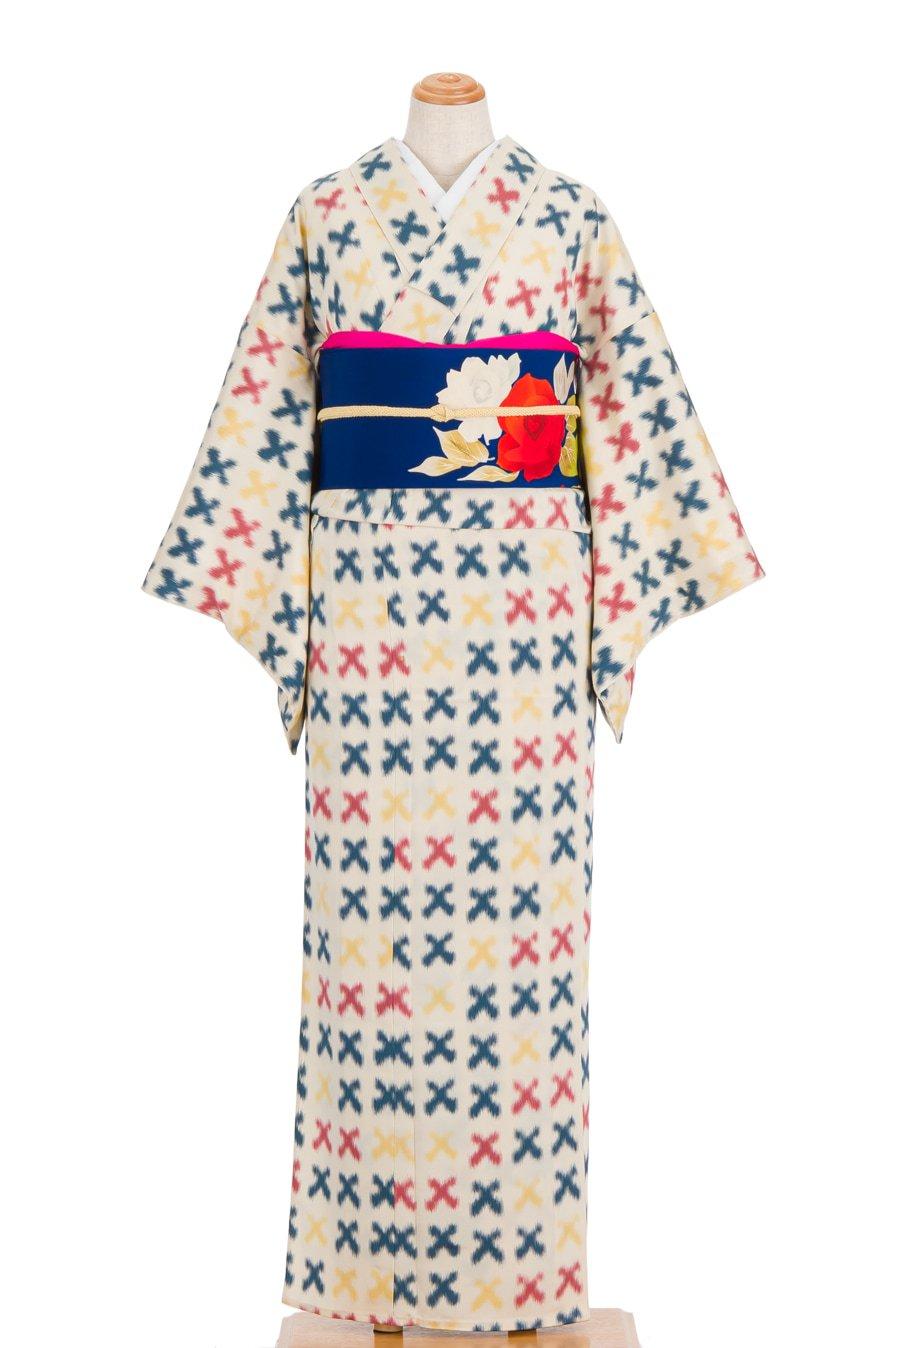 「単衣 アンティークお召 クロス」の商品画像